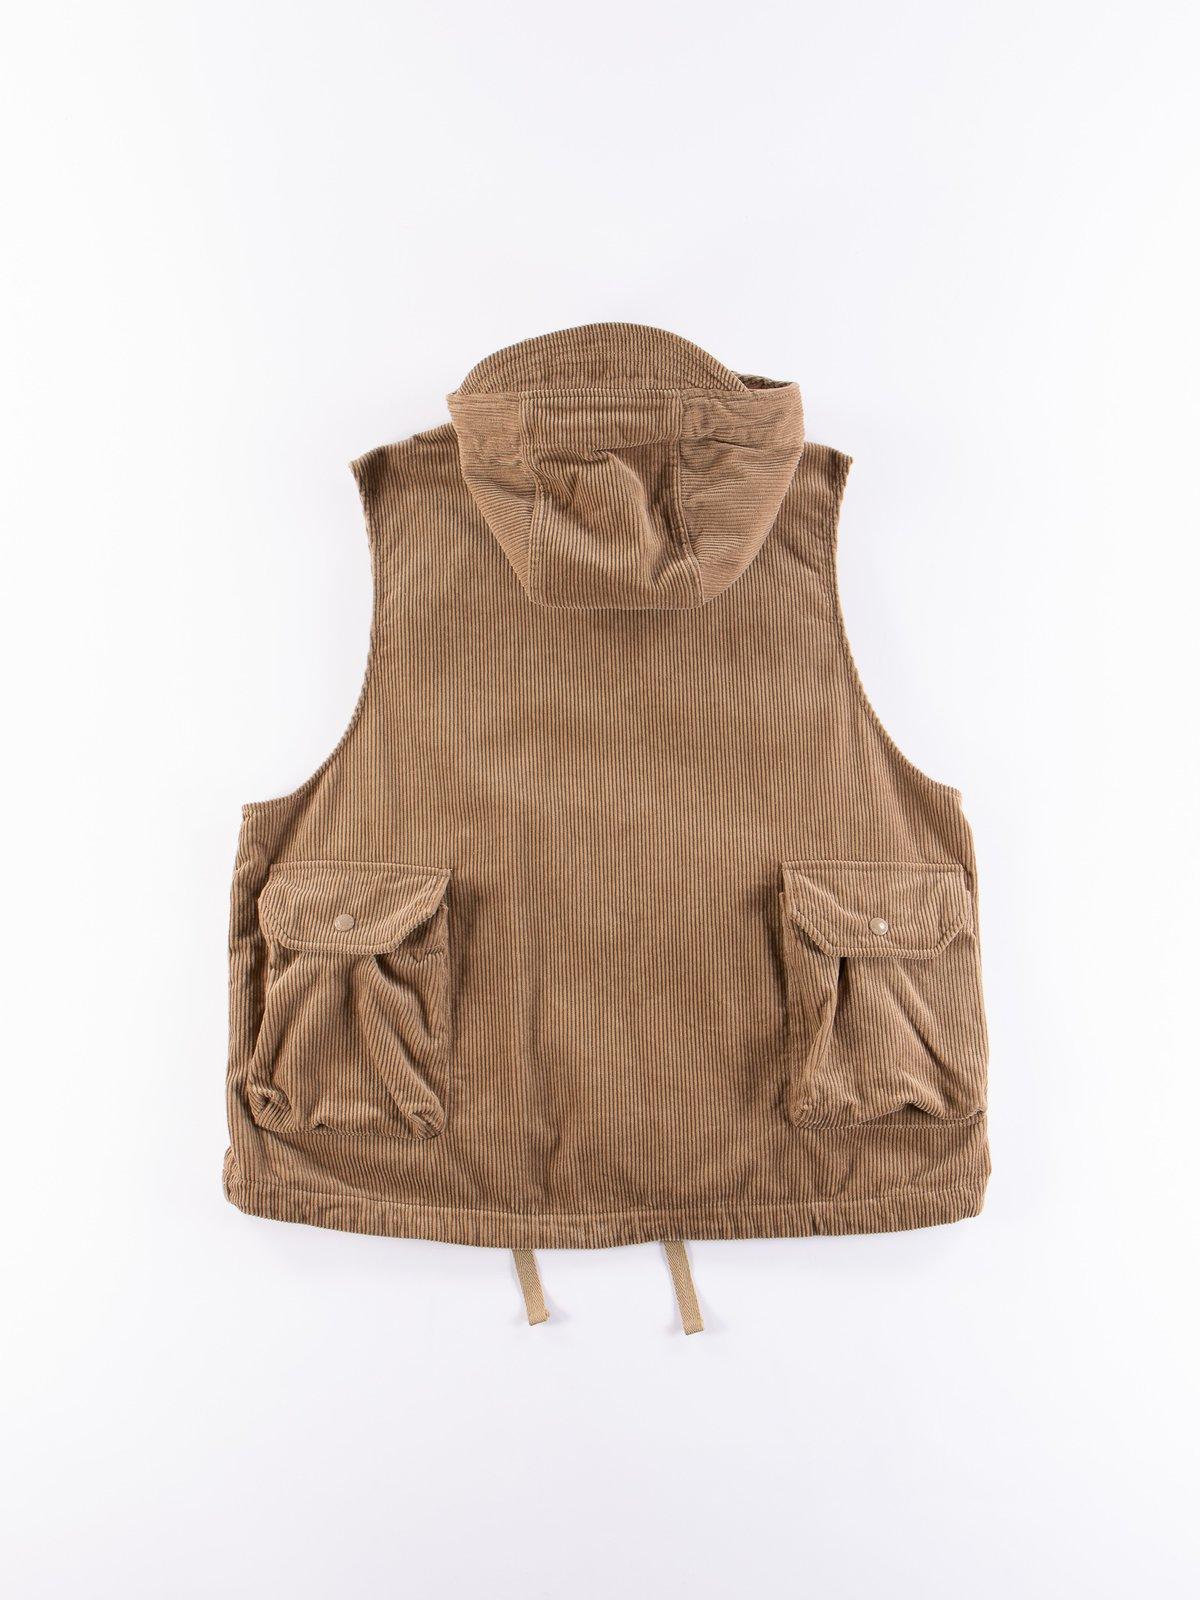 Khaki 8W Corduroy Field Vest - Image 6